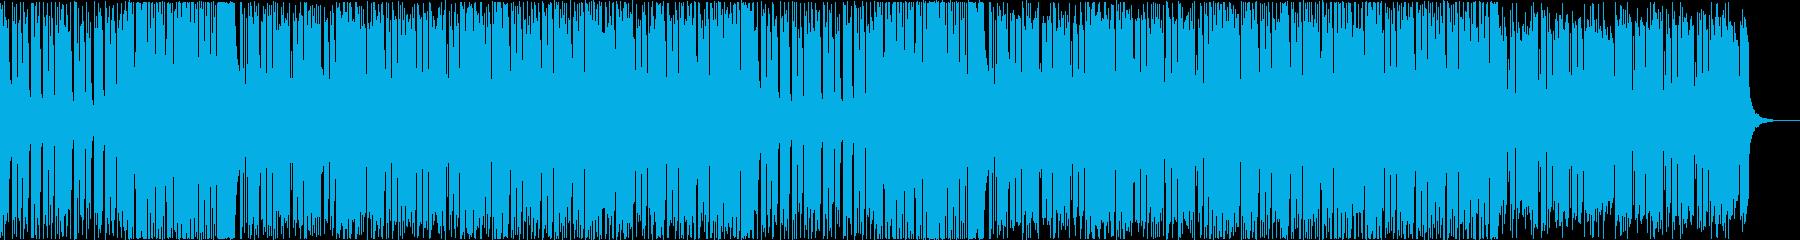 ポップなクラブミュージック 1の再生済みの波形